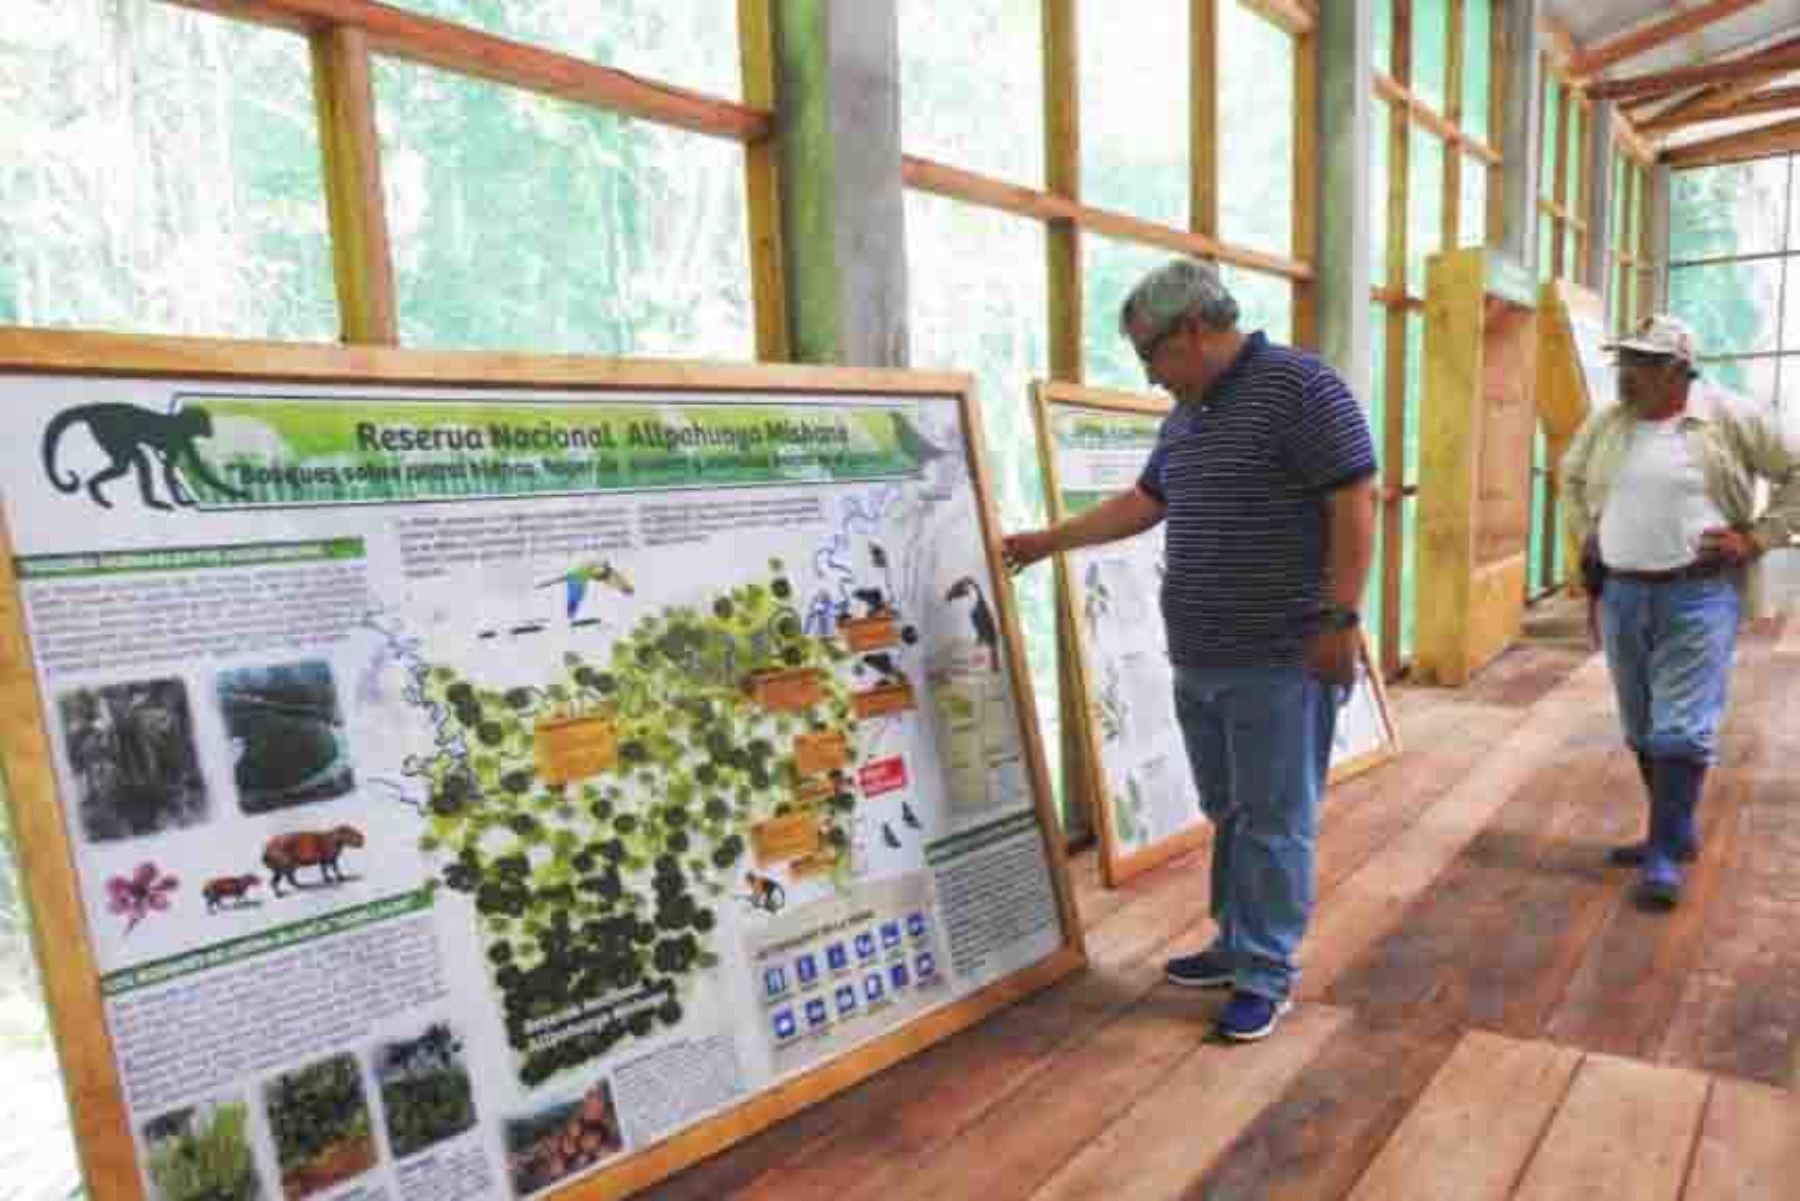 El Servicio Nacional de Área Naturales Protegidas por el Estado (Sernanp) y la Municipalidad Distrital de San Juan Bautista suscribieron un convenio para articular esfuerzos con el objetivo de promover un turismo sostenible en la Reserva Nacional Allpahuayo Mishana, en la región Loreto.